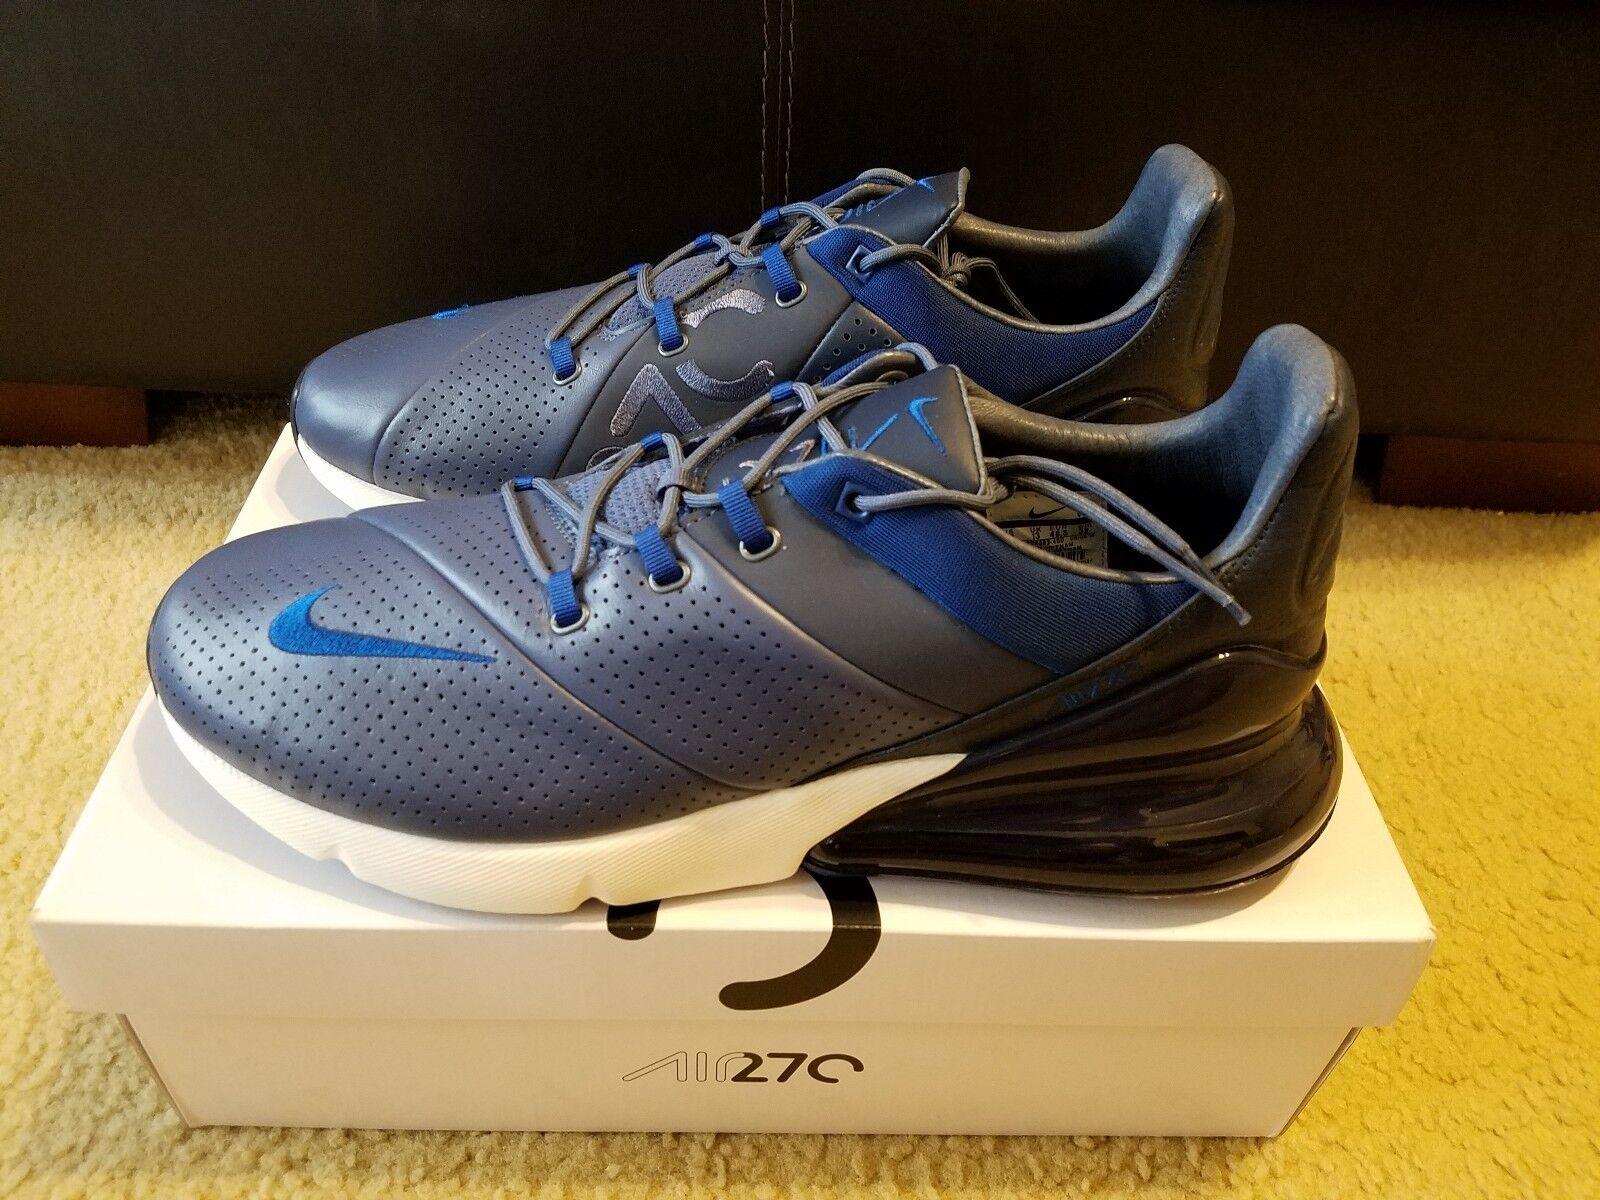 Nike Air Max 270 Premium Hommes Taille 14 Diffused Bleu Gym Bleu AO8283 400 NIB